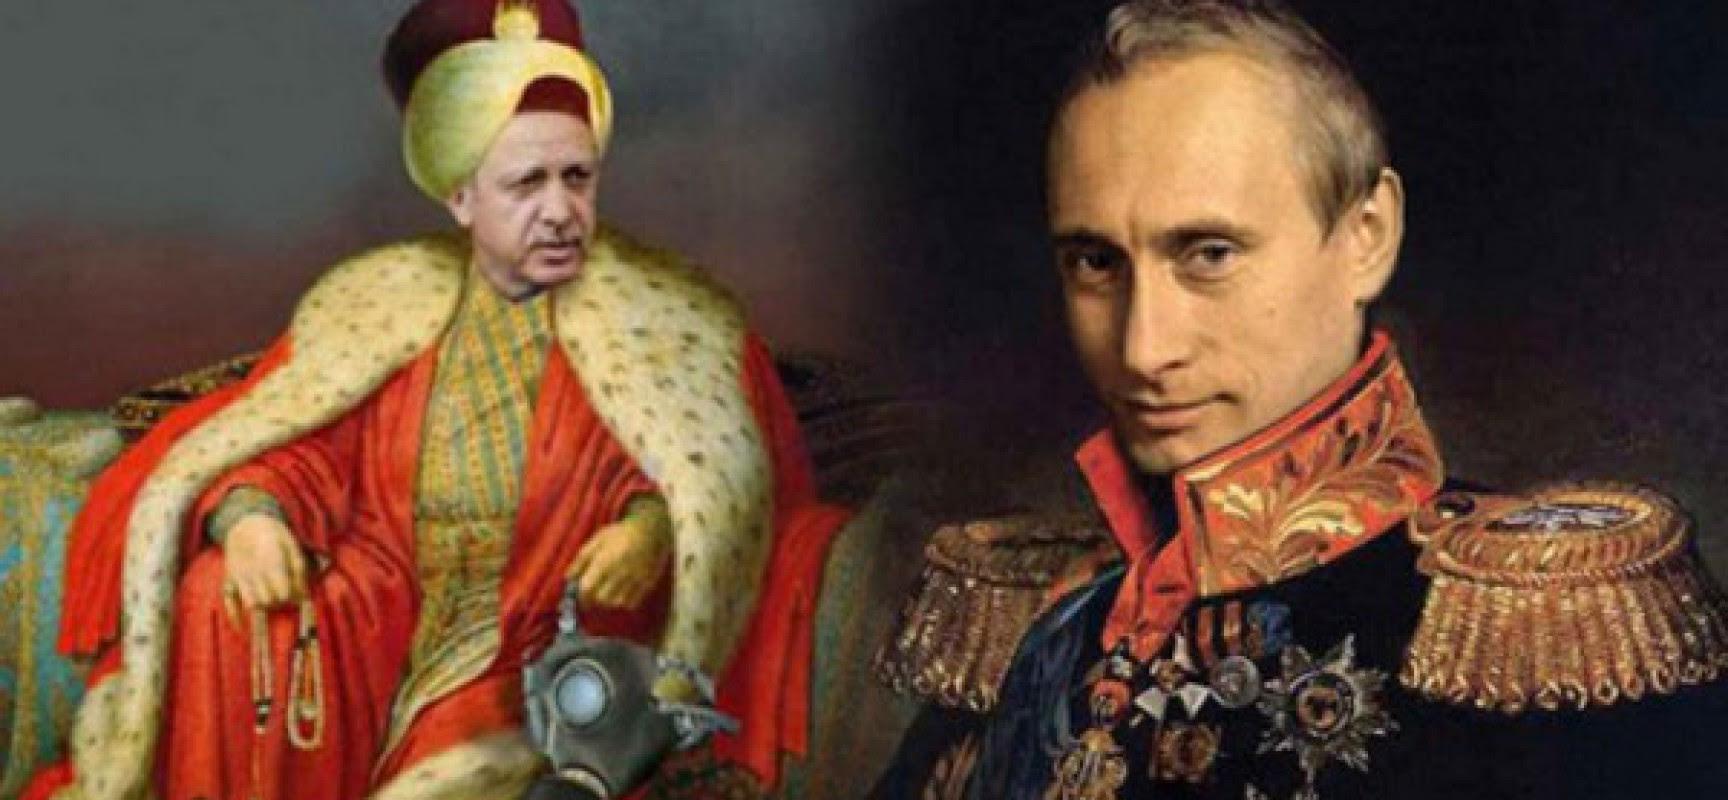 Comment pourrait se concrétiser le rapprochement entre la Turquie et la Russie ?